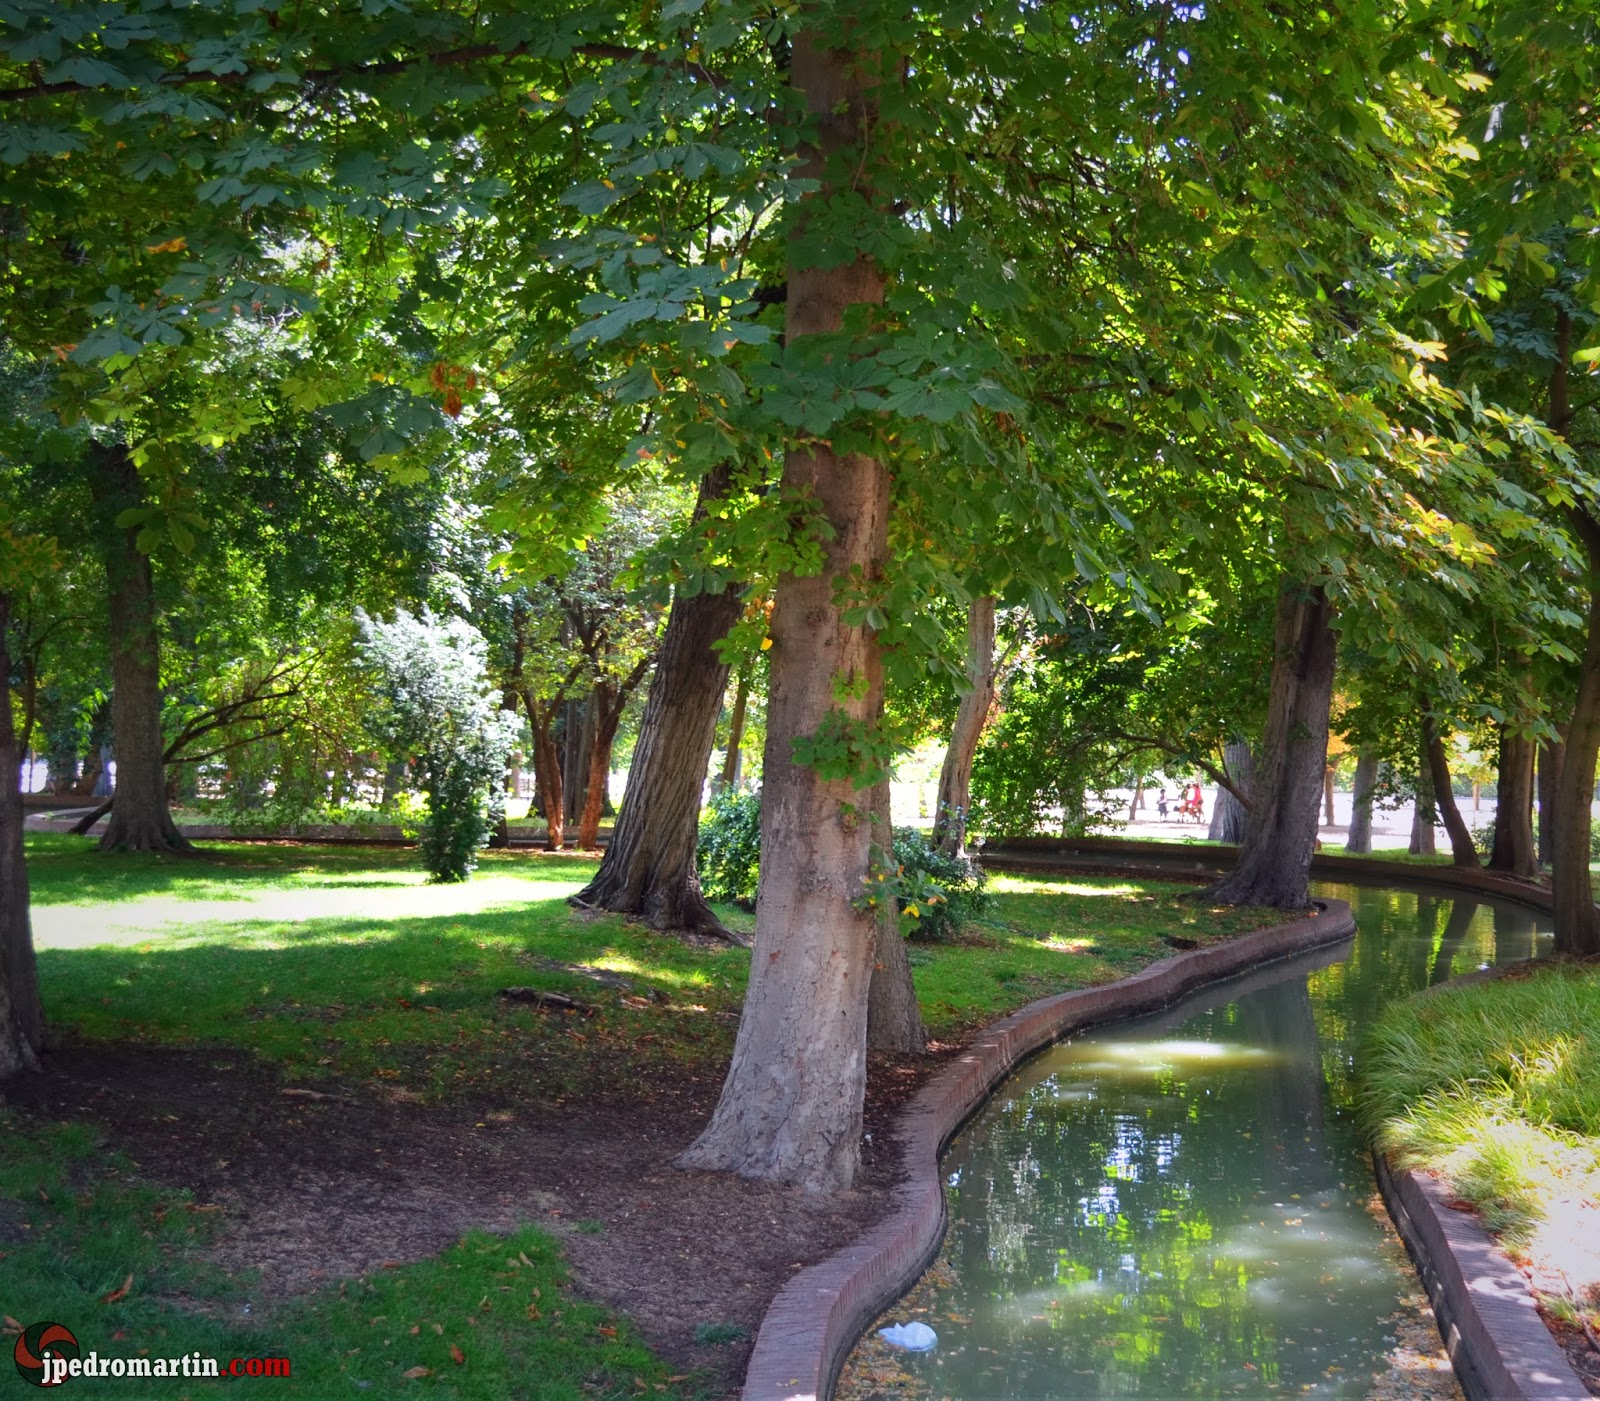 Madrid xi jardines del retiro 1 j pedro mart n - Arboles artificiales madrid ...